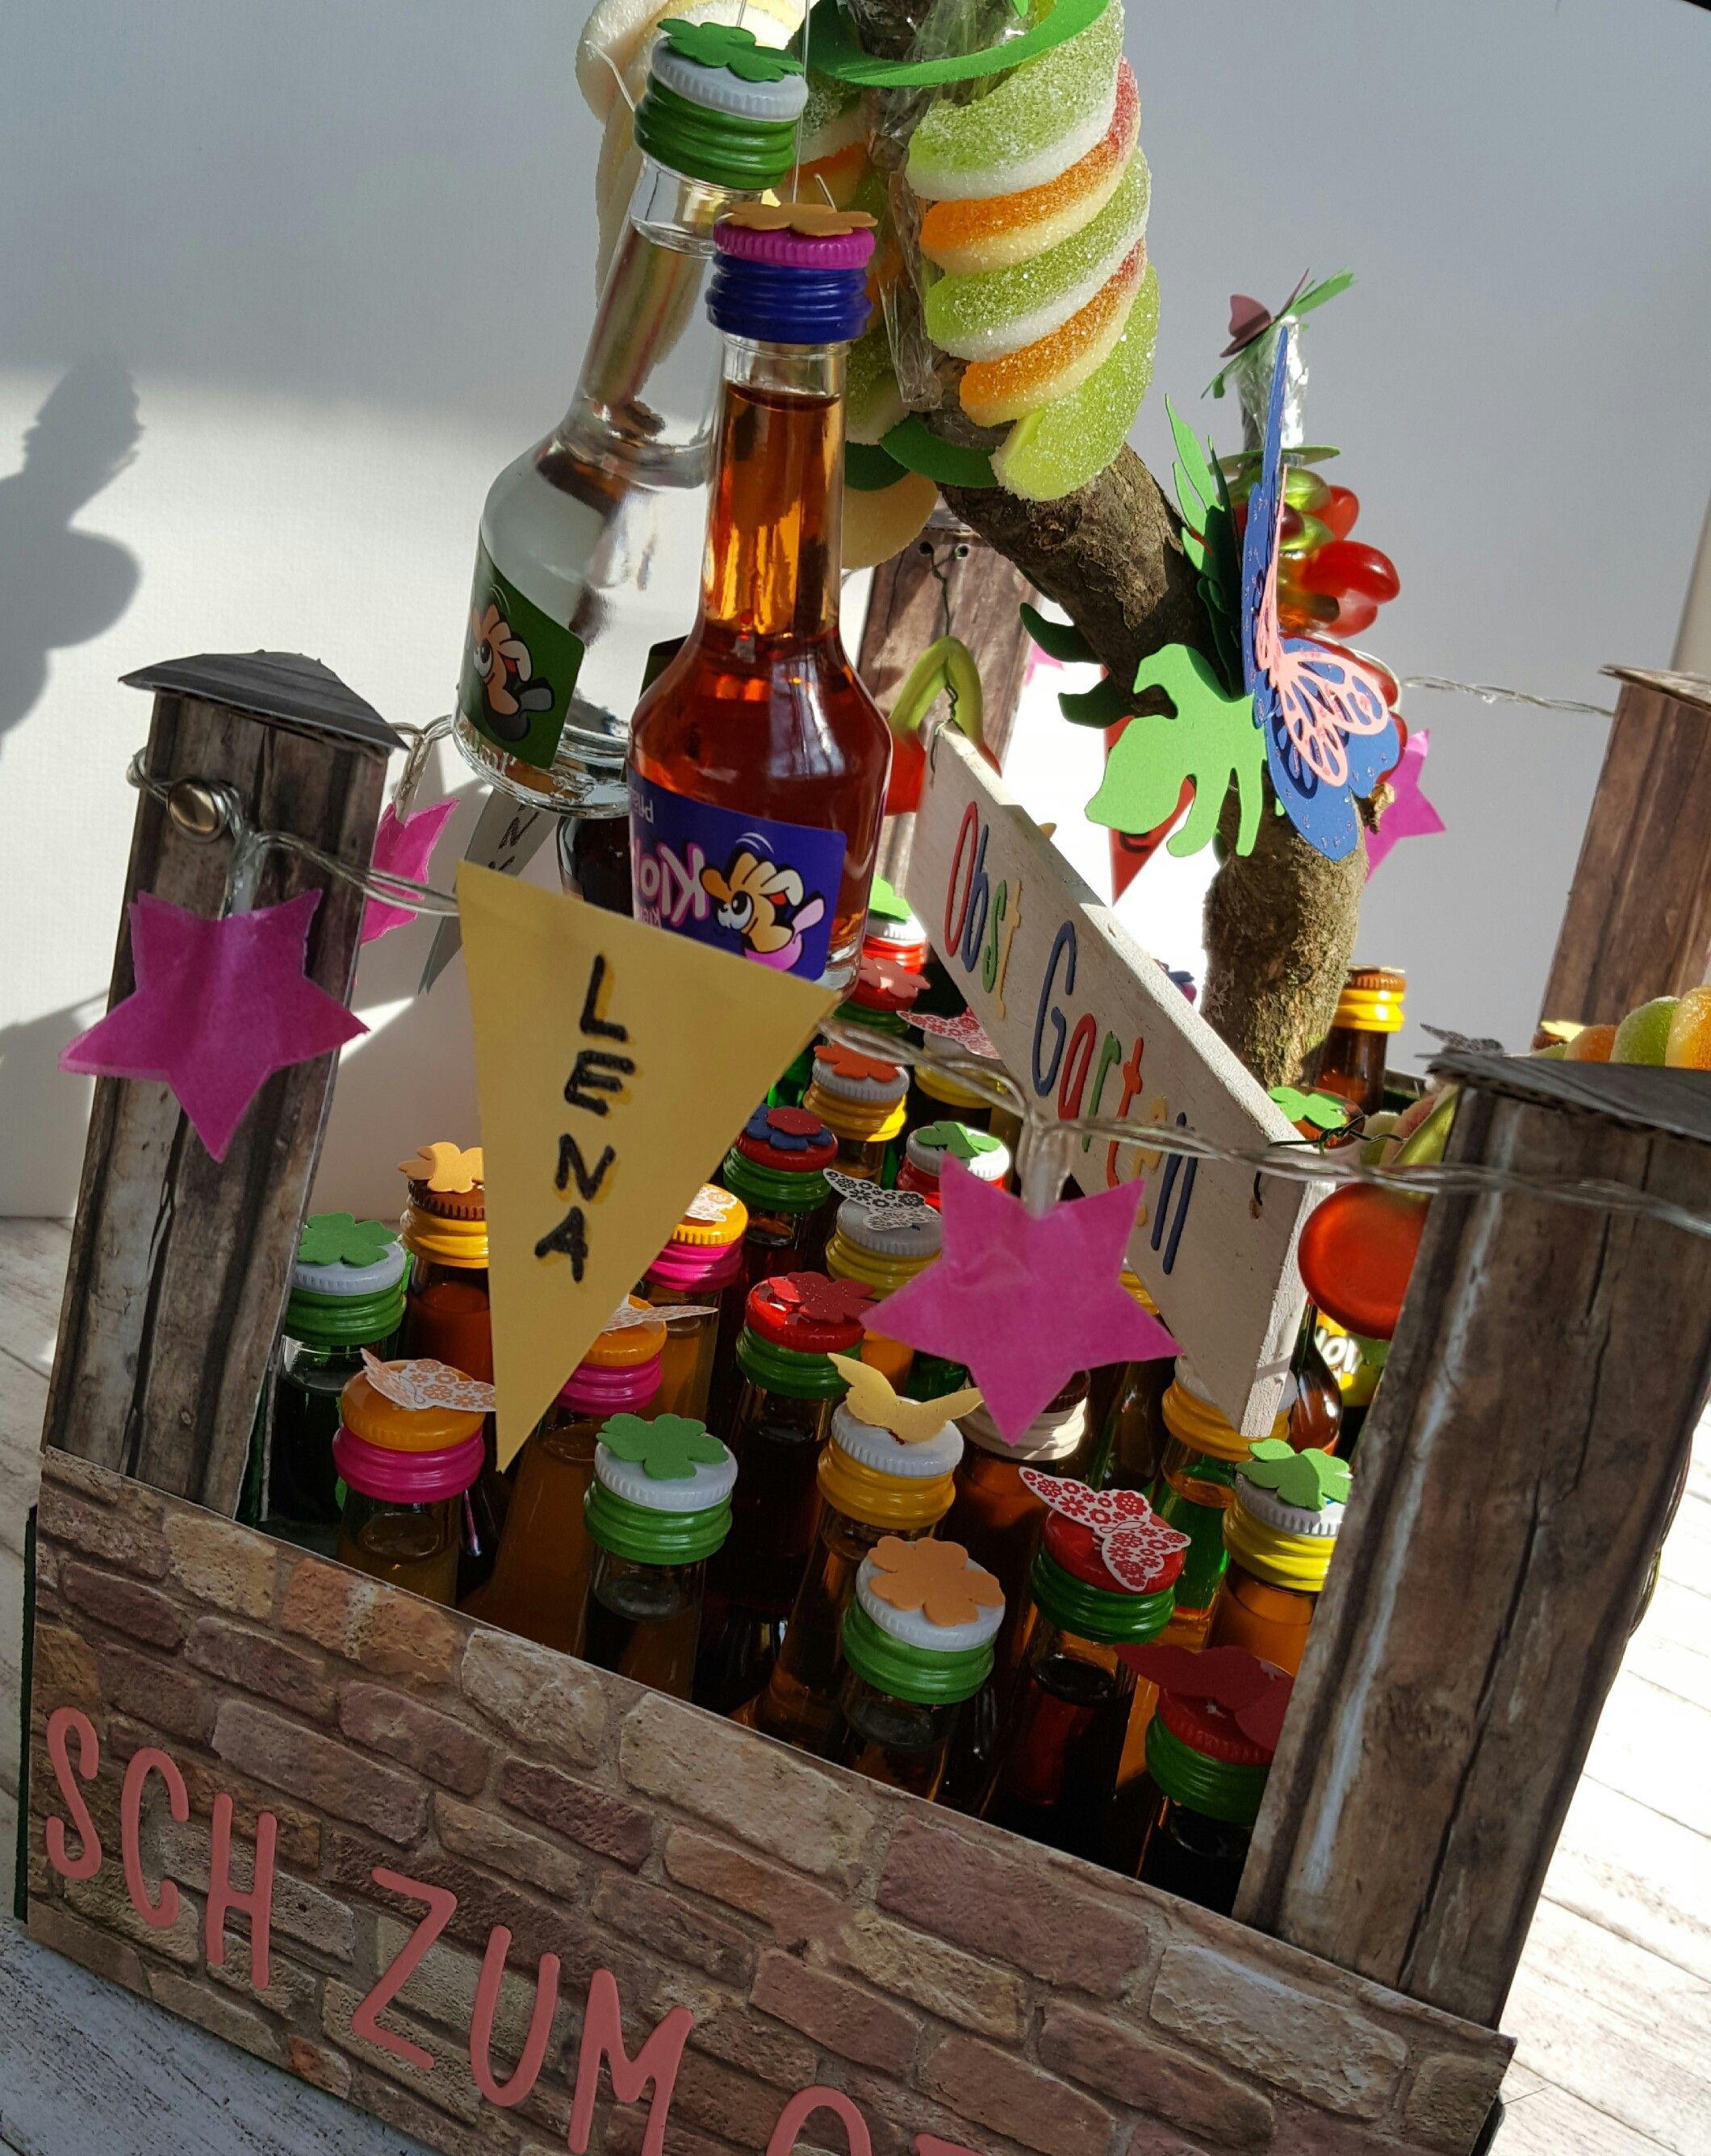 Geburtstagsgeschenk 18  Kleine Schnäpse Klopfer zum Geburtstag dekorativ